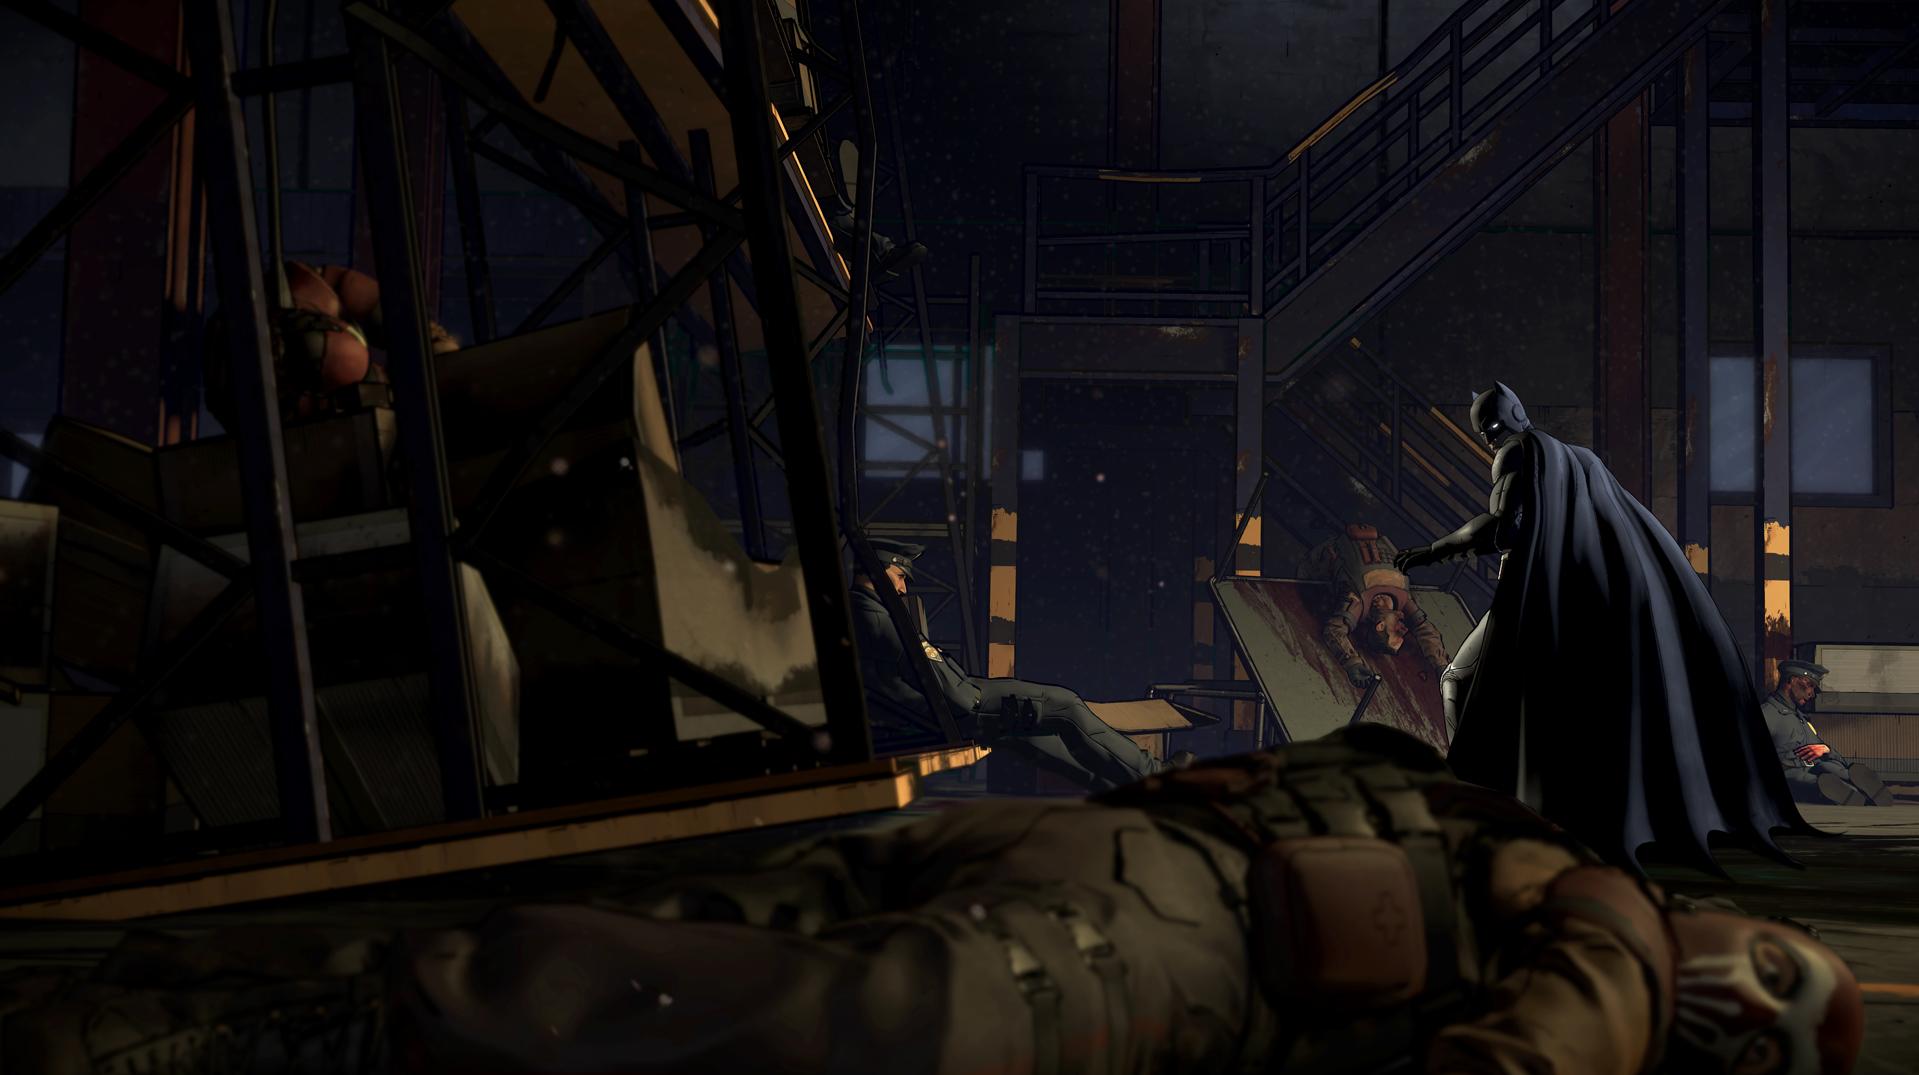 batman-Warehouse